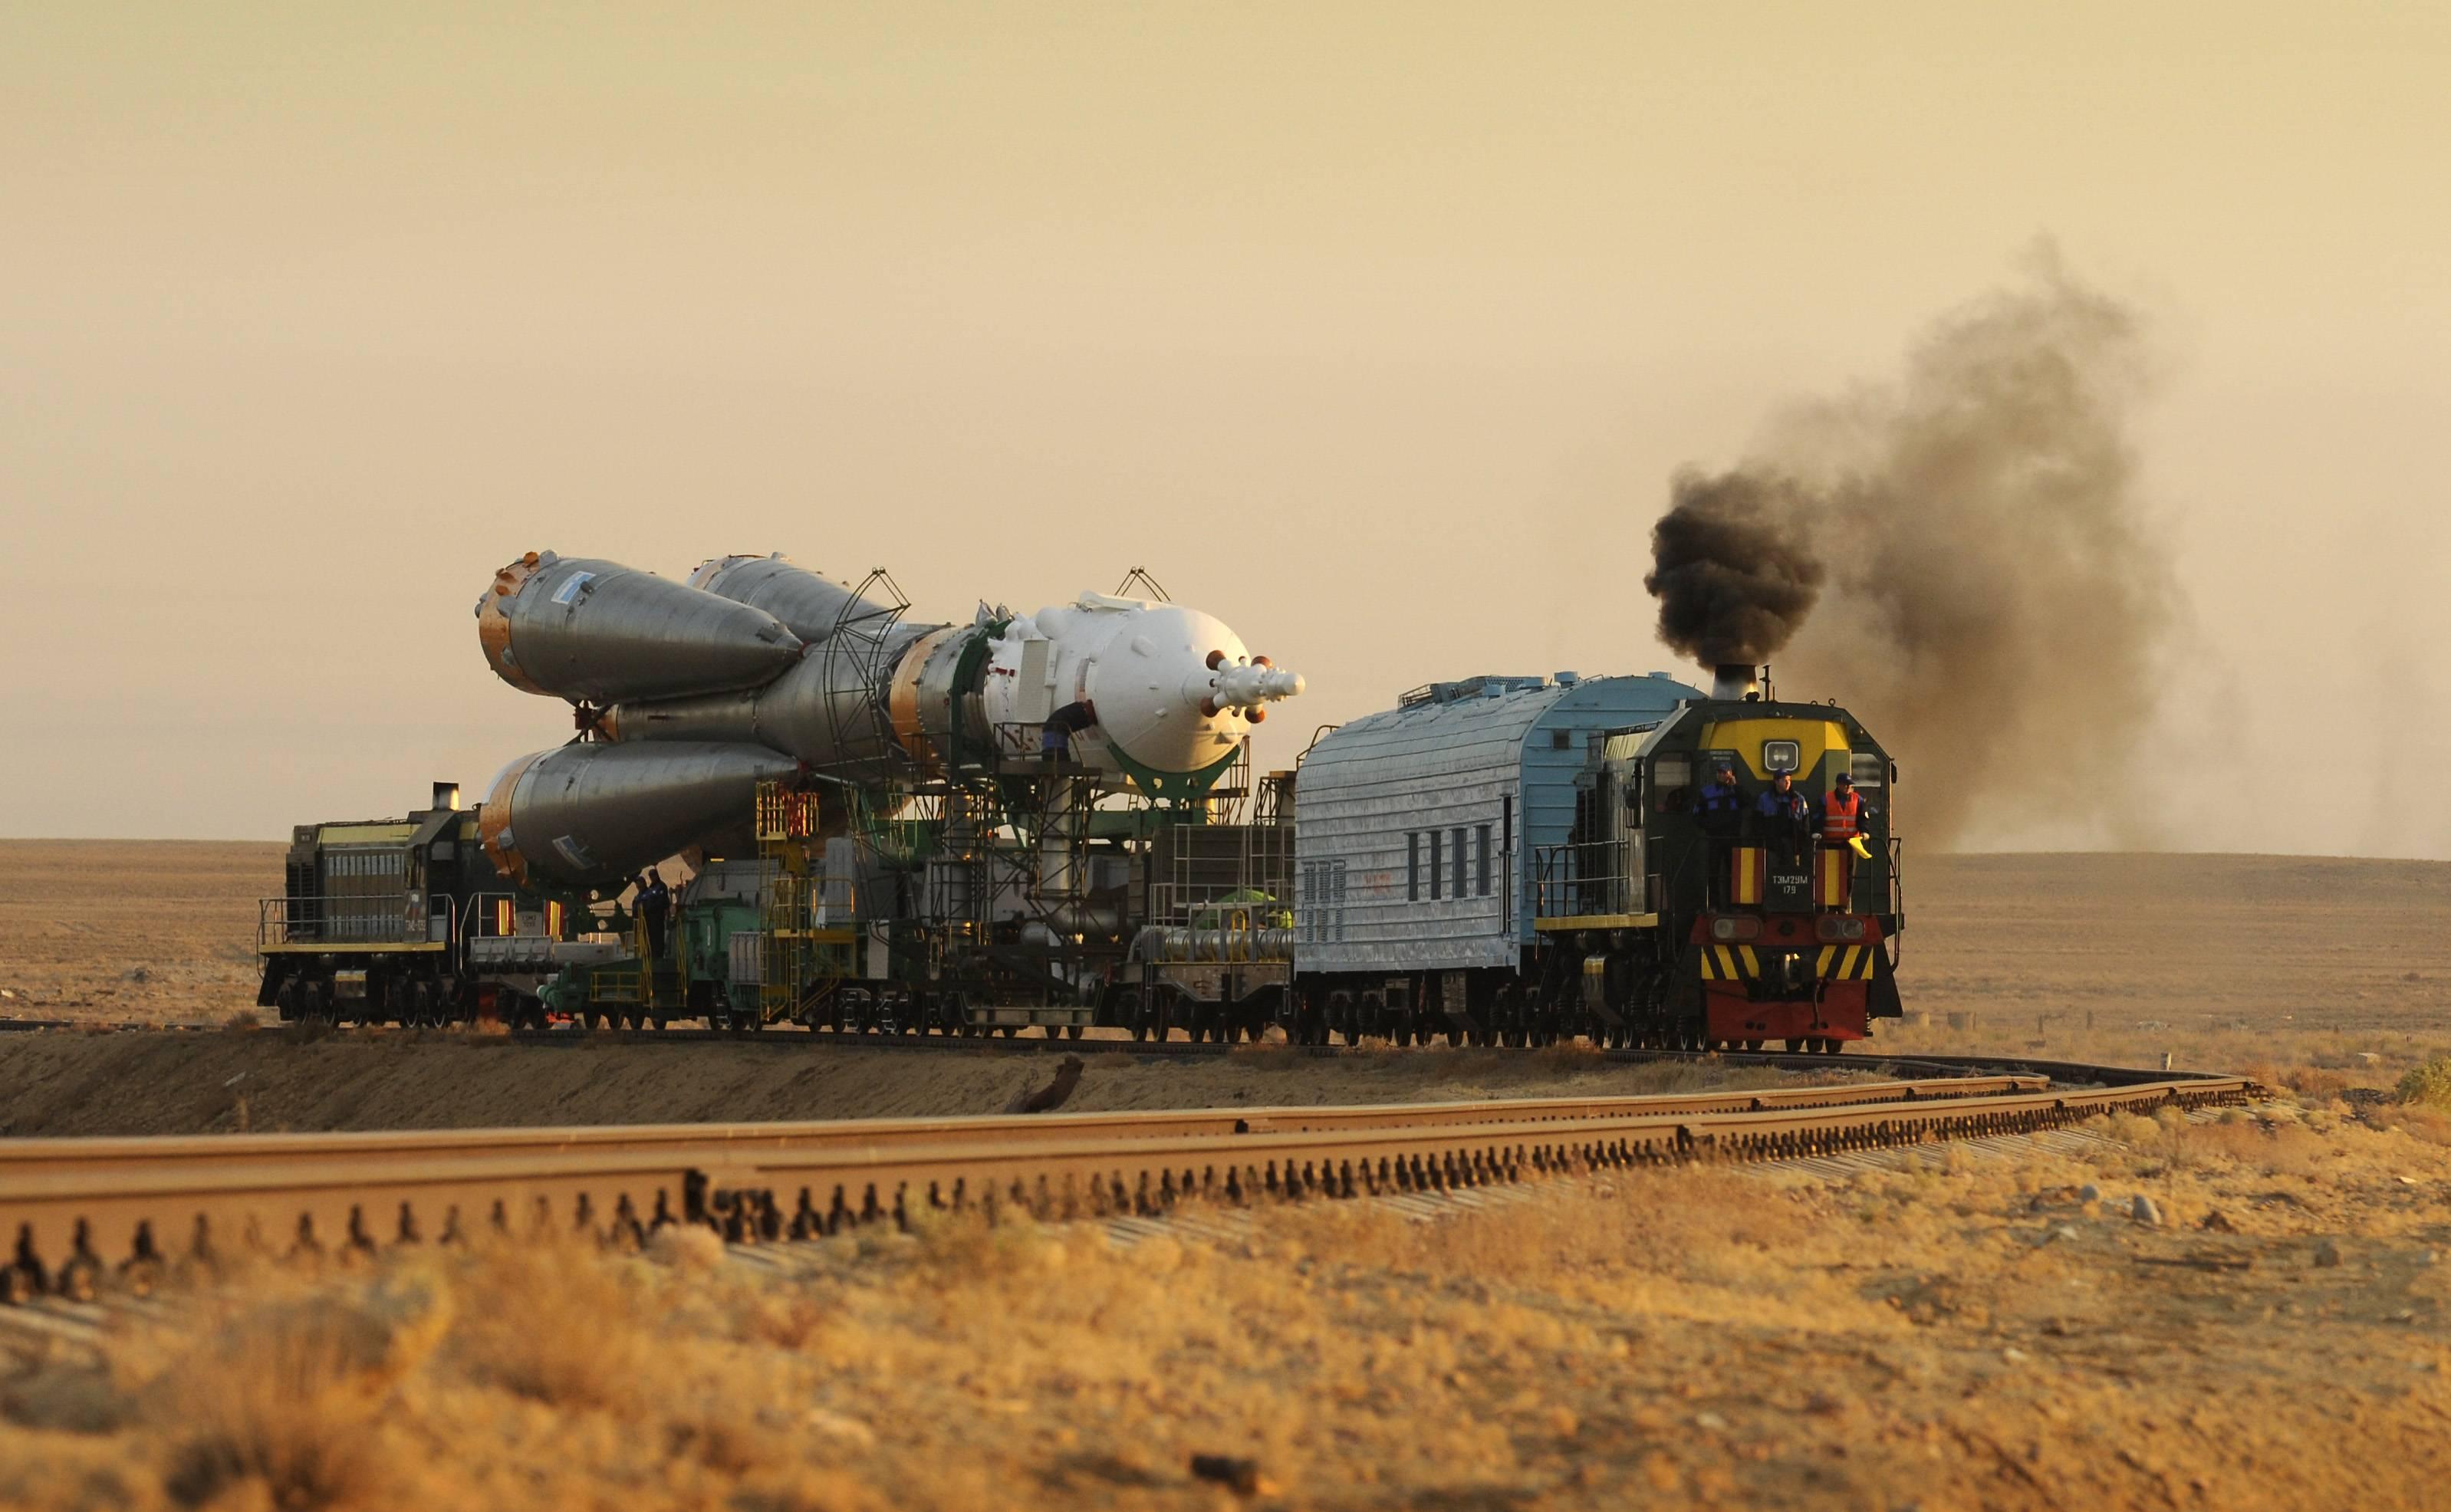 La fusée Soyouz sur son train